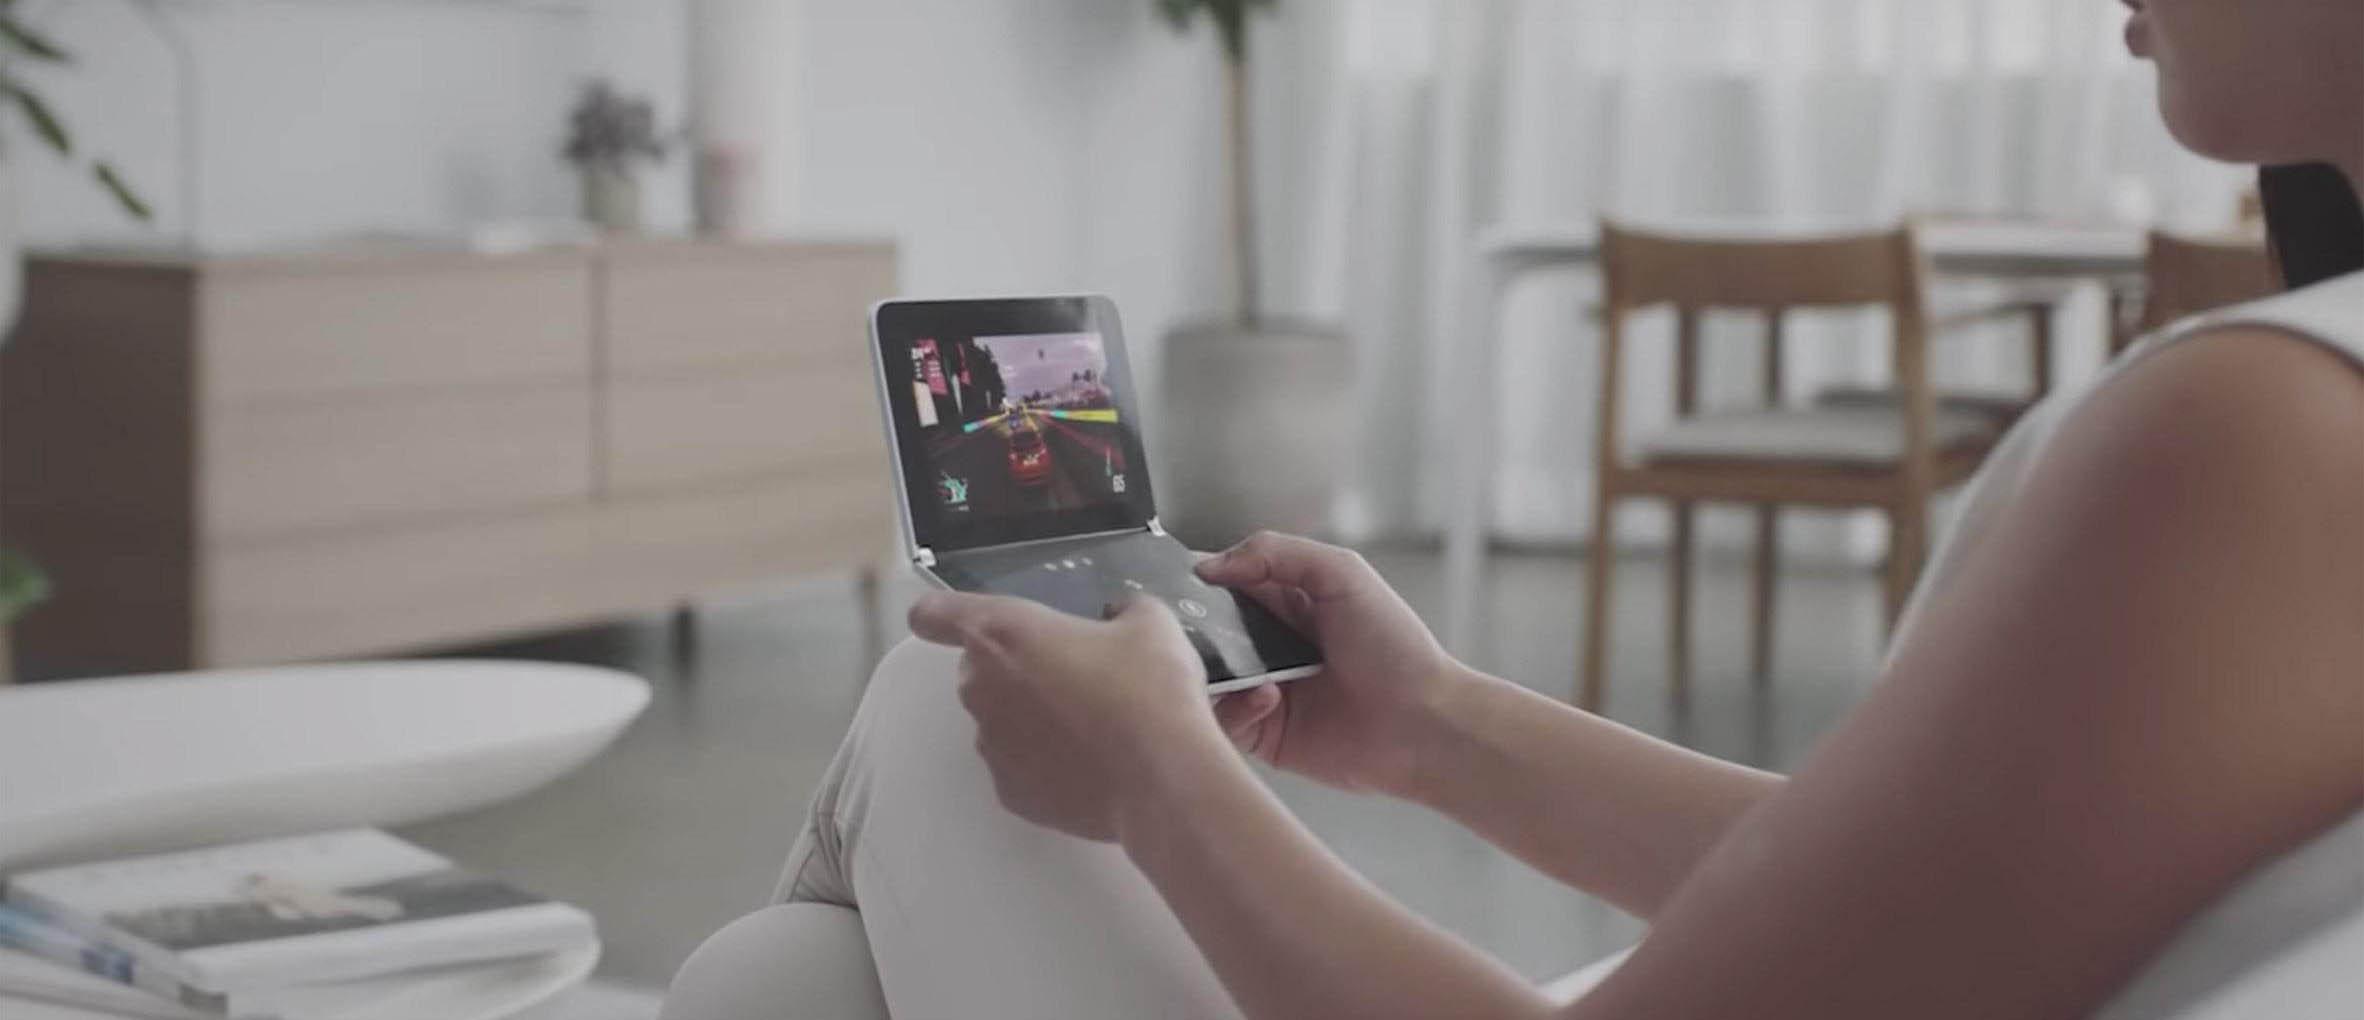 微软魔改Android系统翻车了:更新后遭遇黑屏、相机崩溃故障